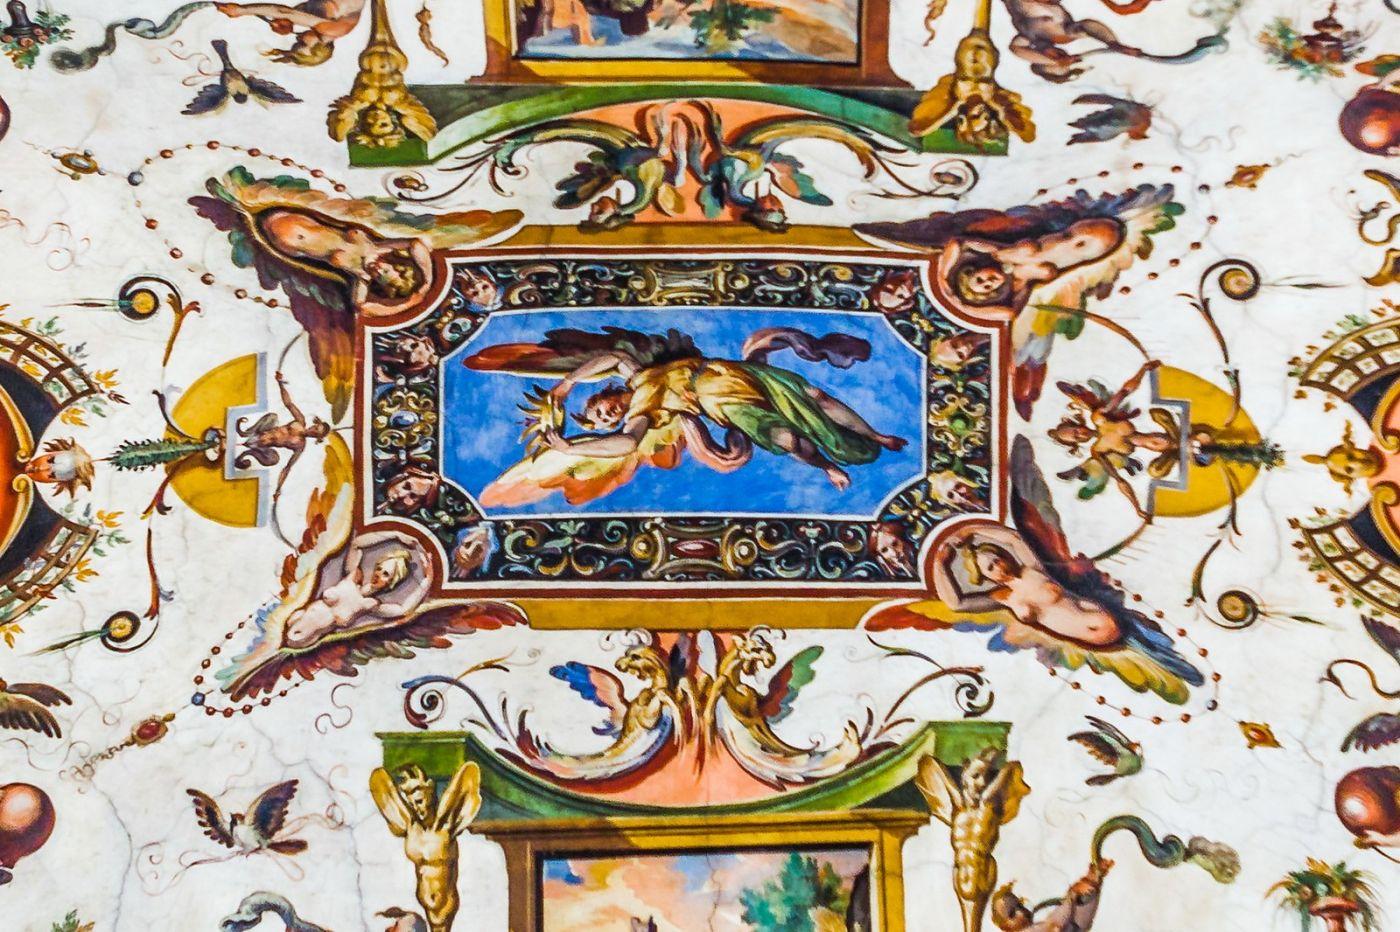 意大利佛罗伦斯乌菲兹美术馆, 藏品大展_图1-30